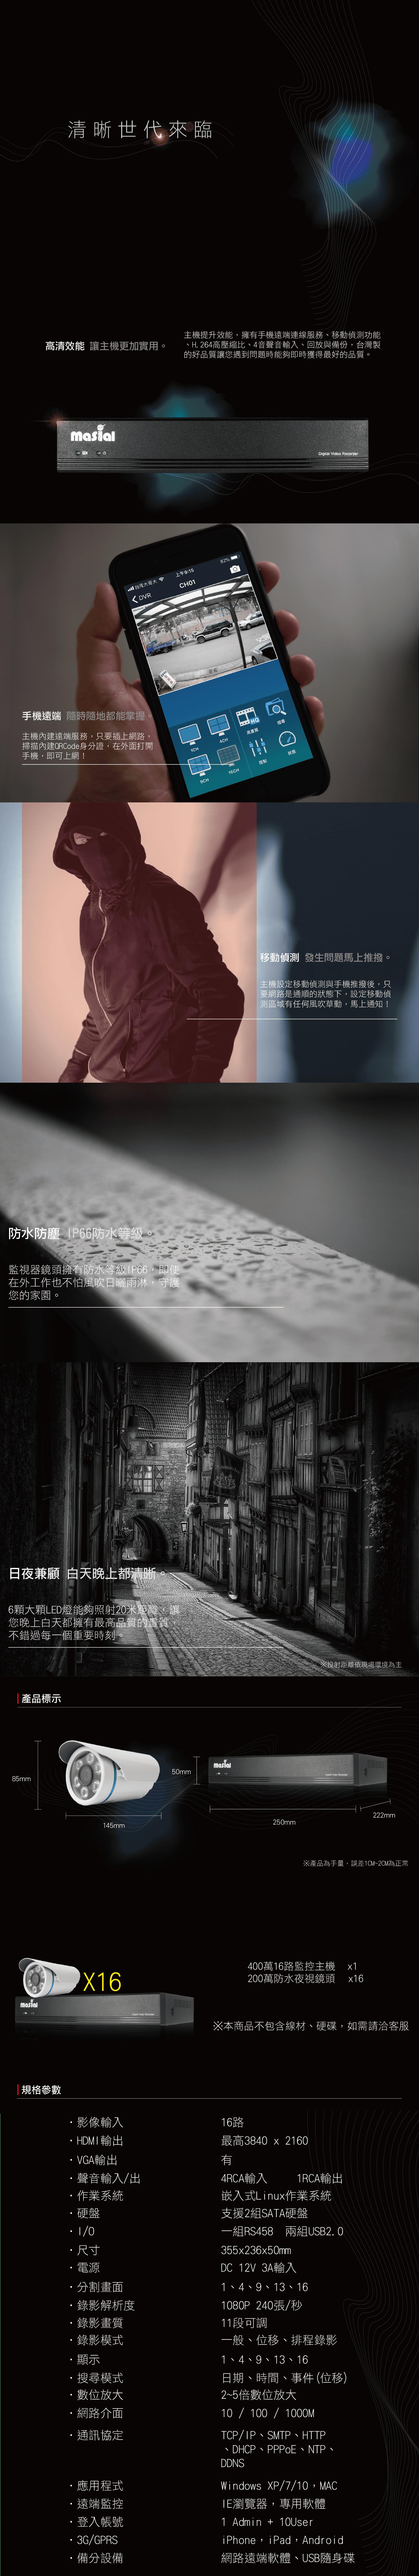 16+16內頁-01